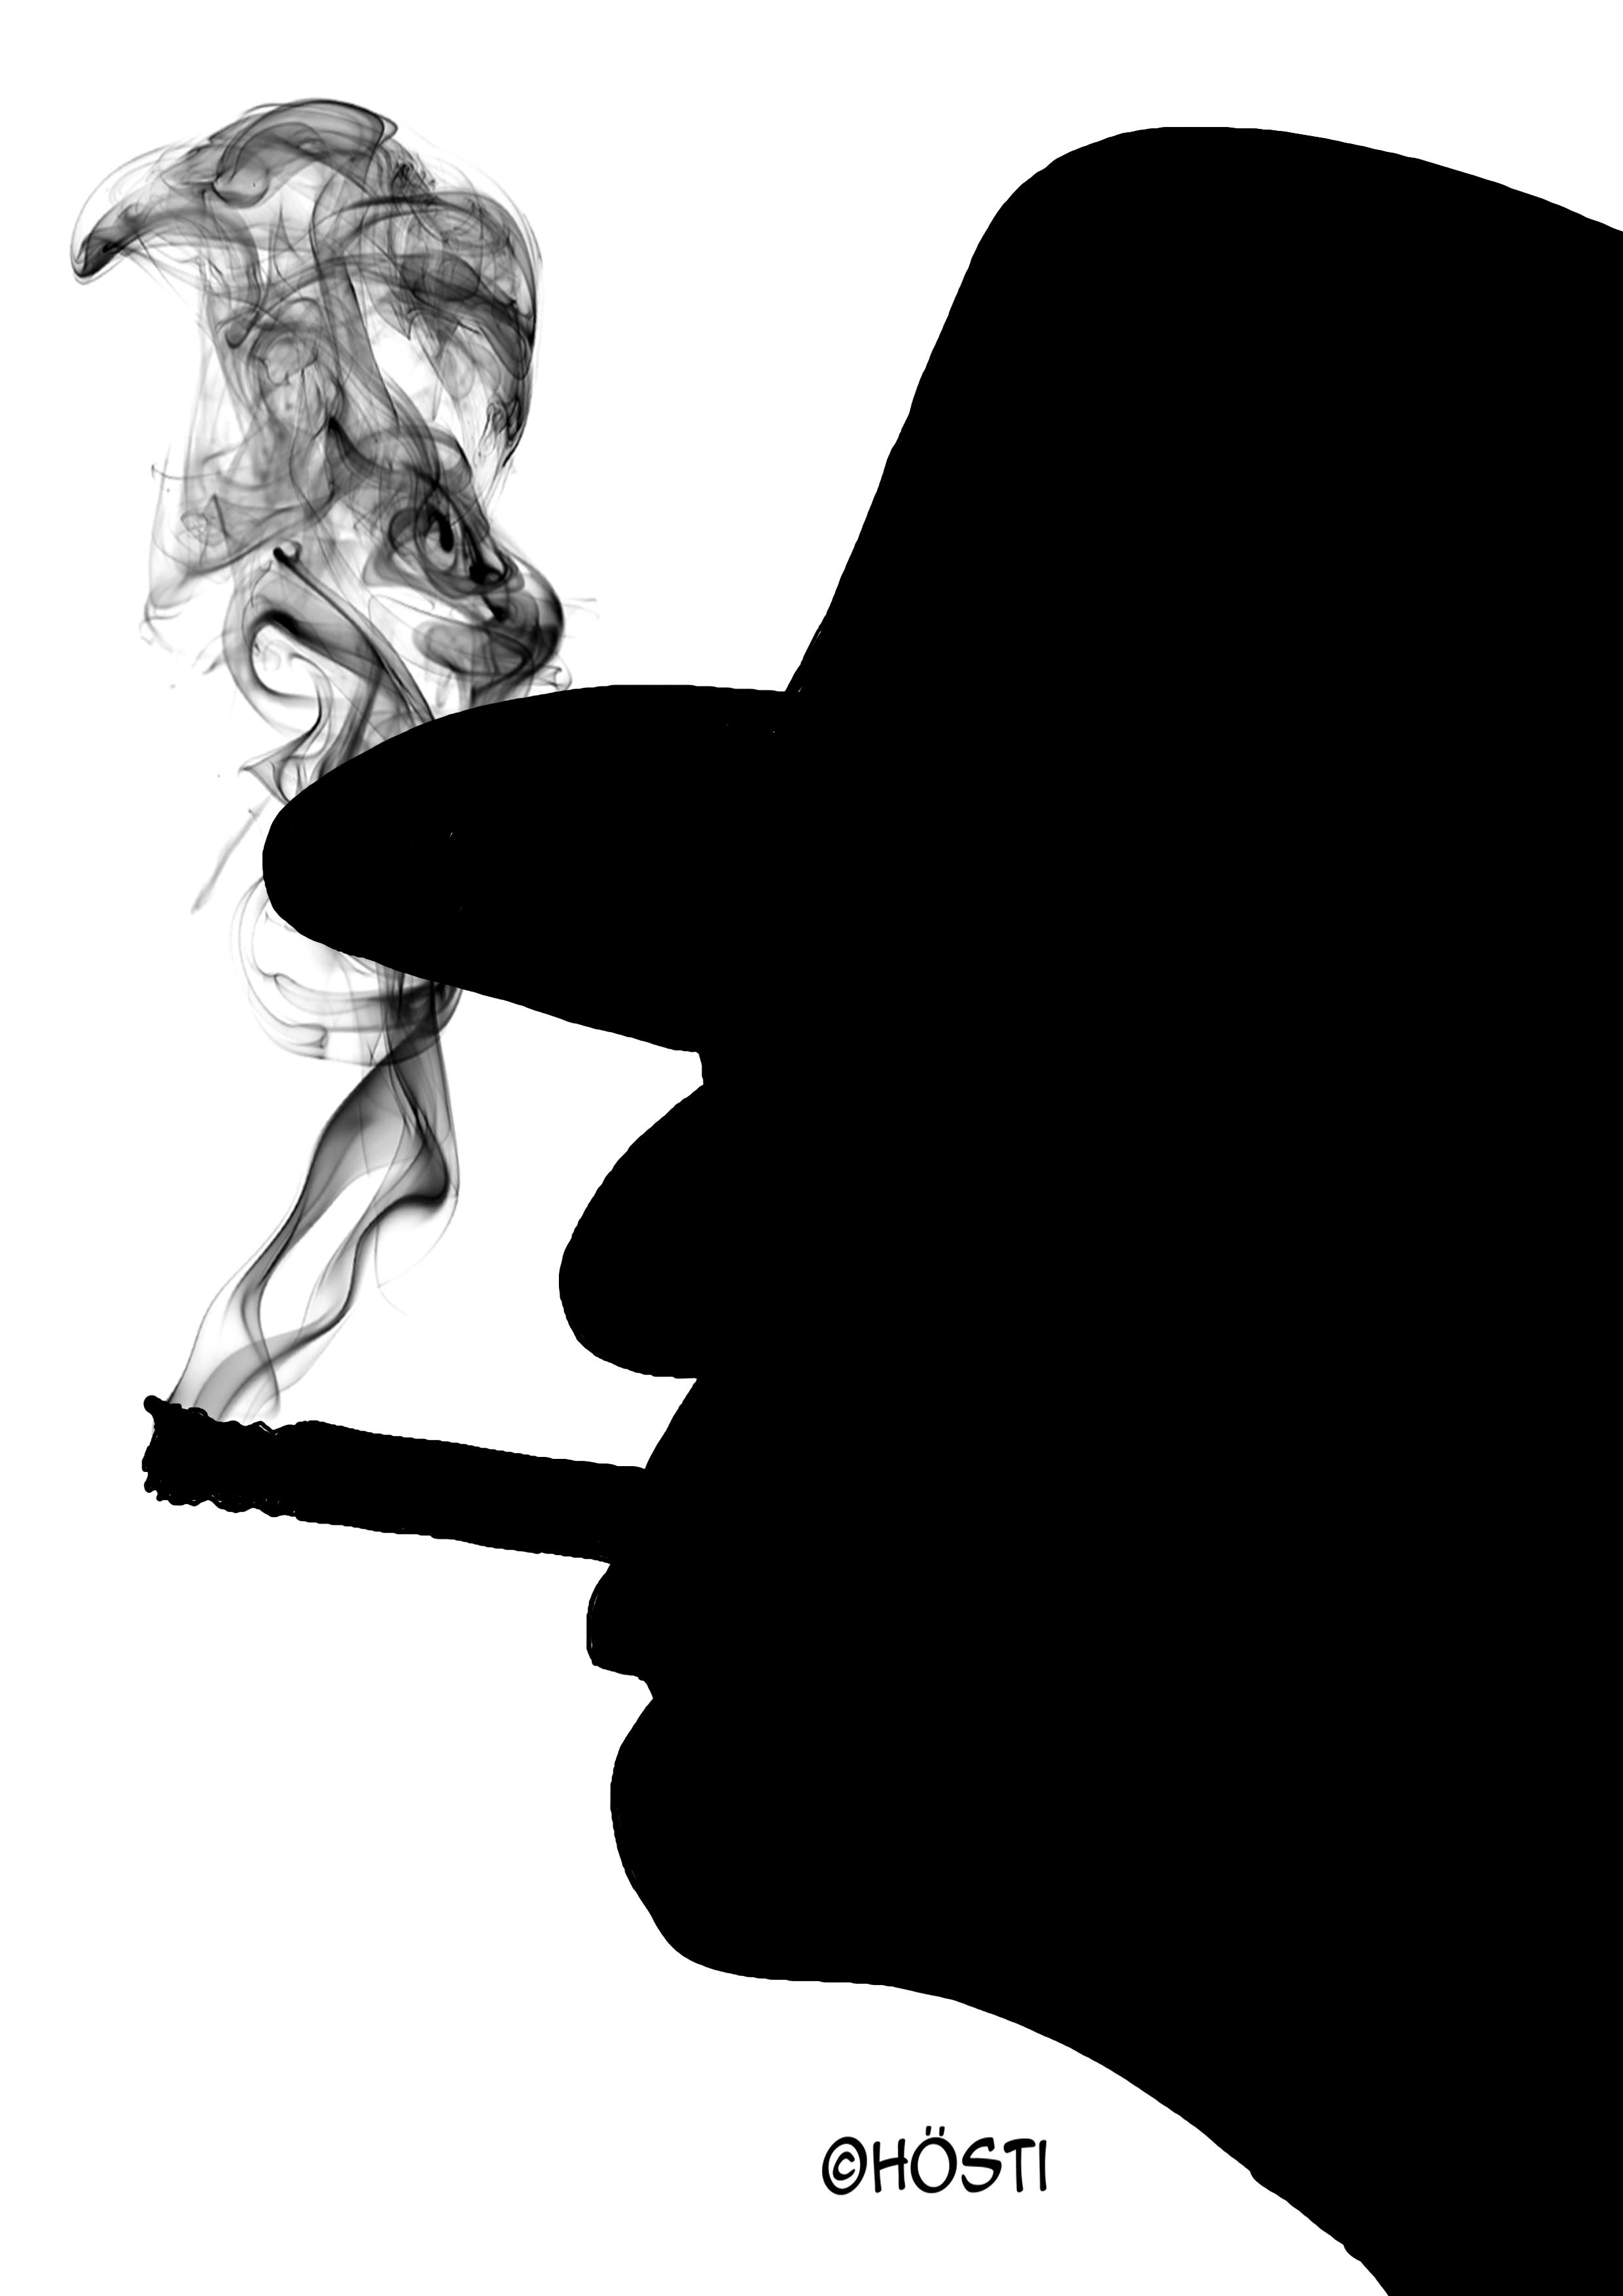 udo rauchend 3 schwarz